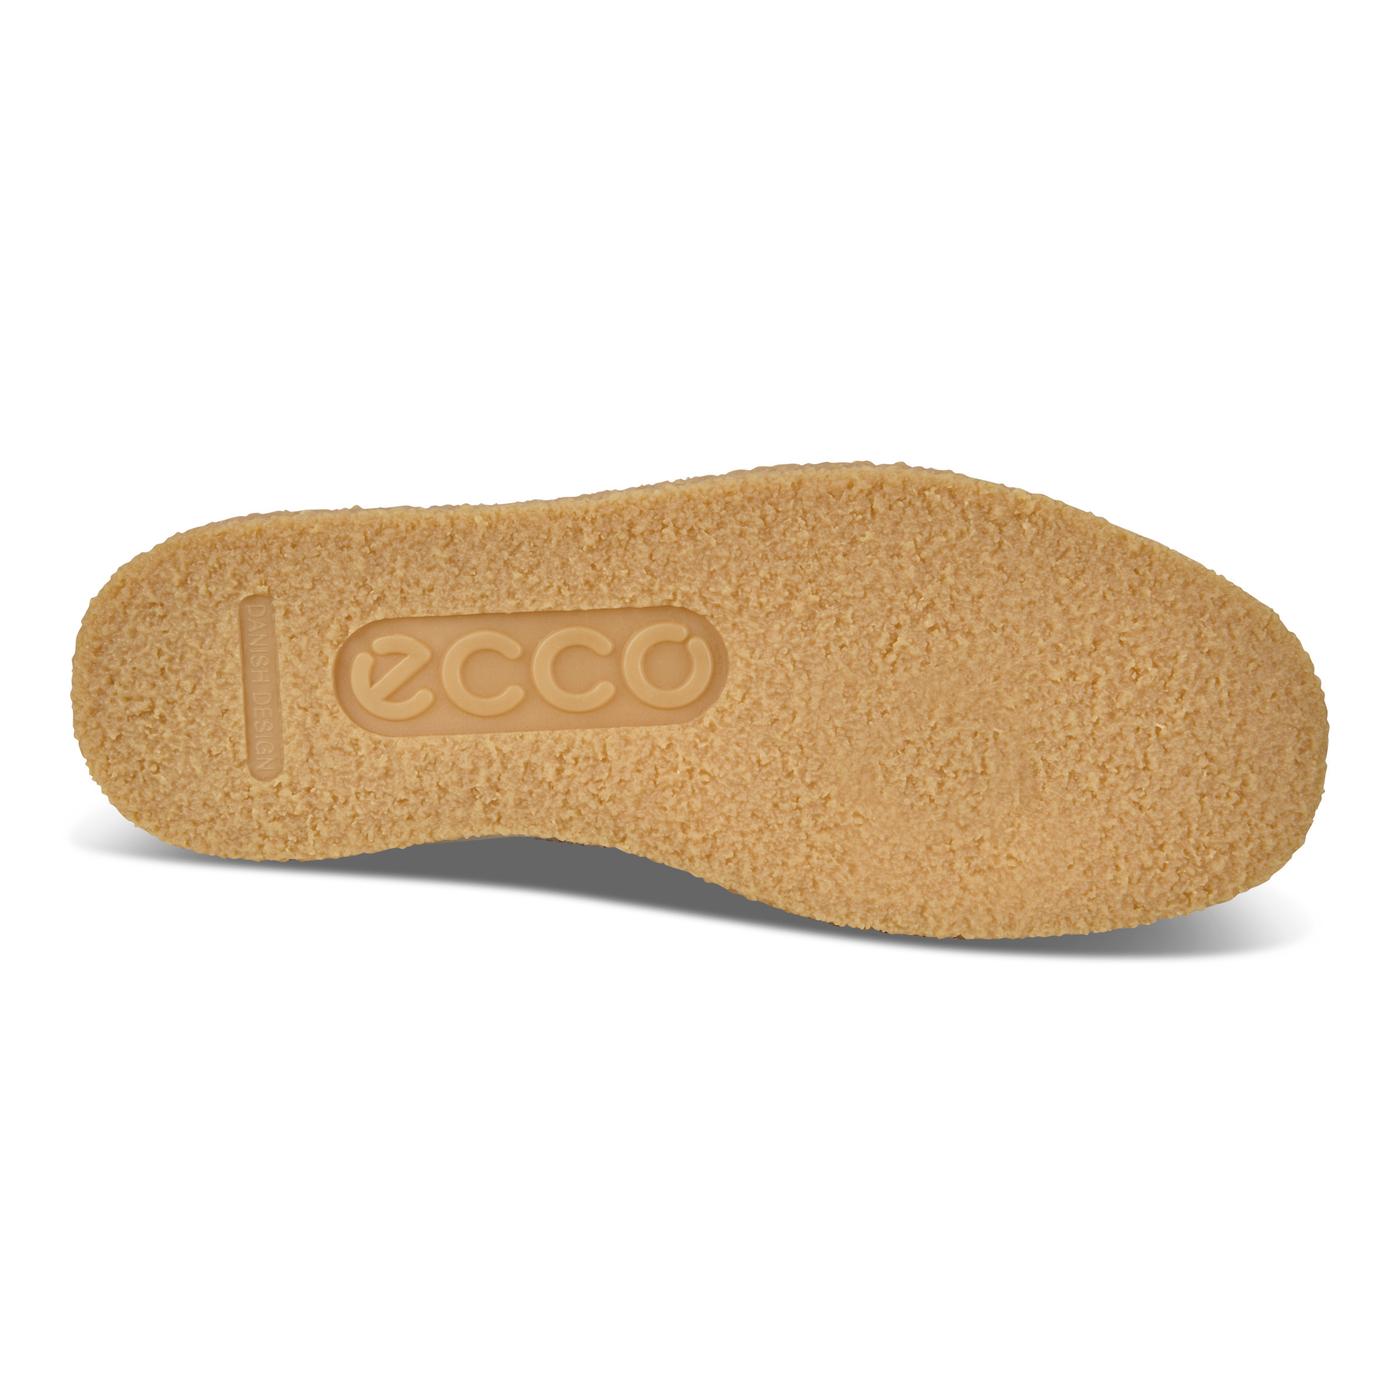 ECCO Crepetray W Slip On